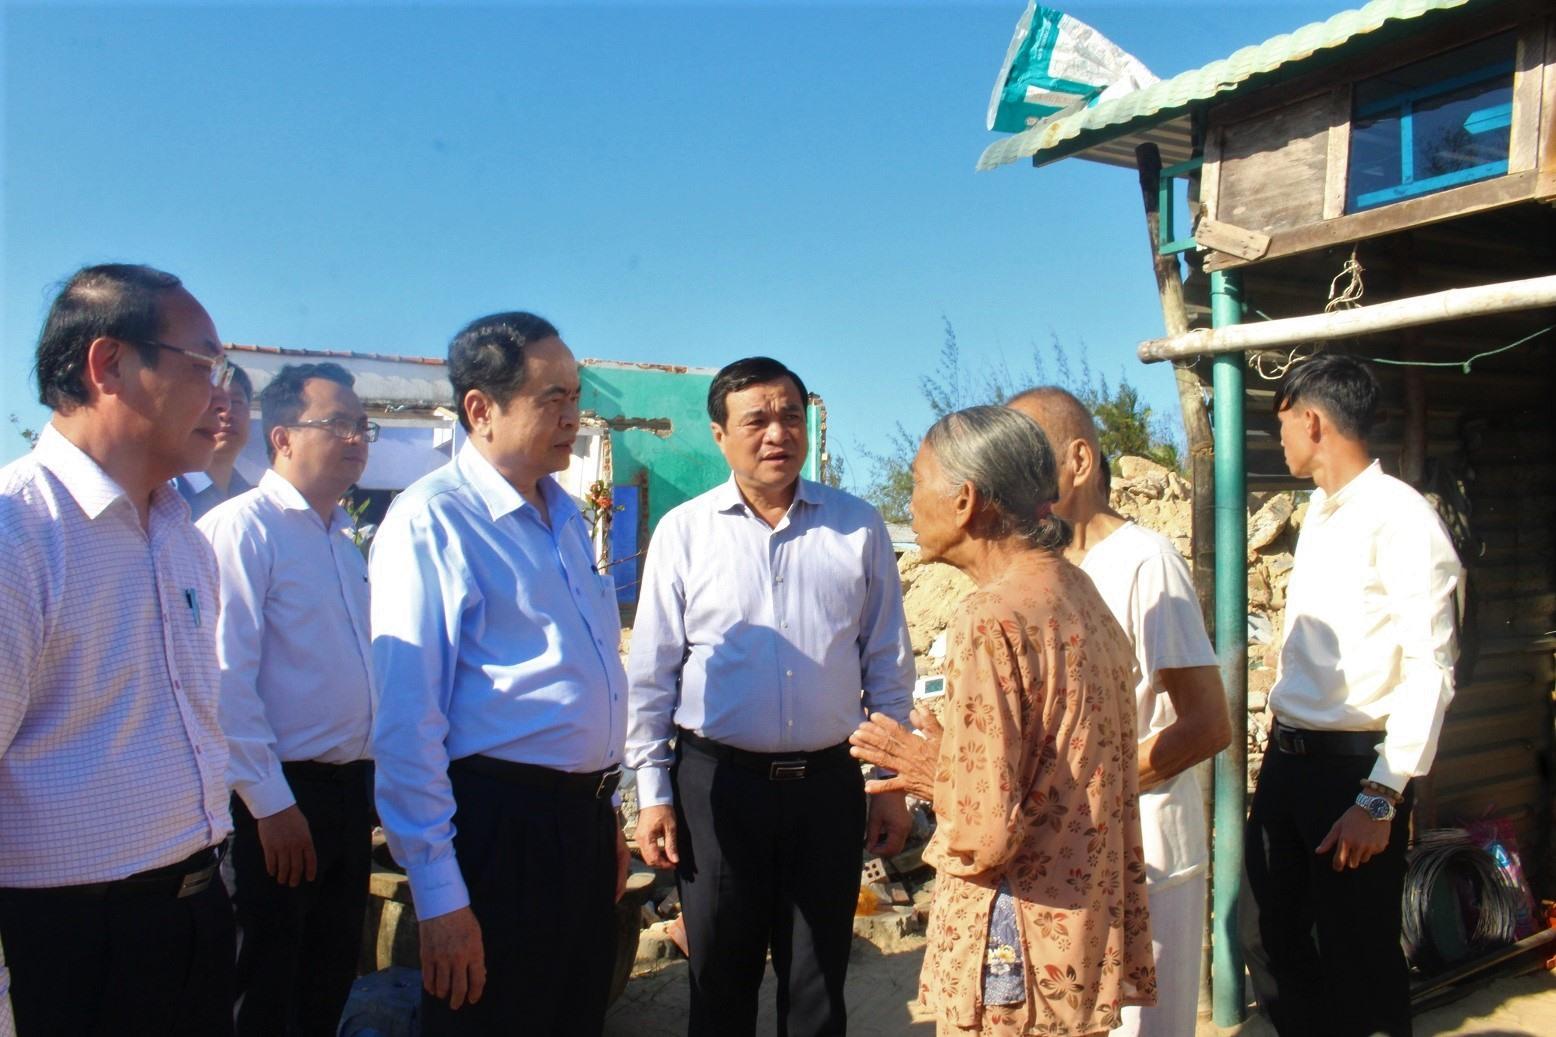 Đoàn công tác của Ủy ban Trung ương MTTQ Việt Nam đến thăm gia đình ông Tăng Văn Cự (trú tổ 5, thôn Phương Tân, xã Bình Nam) bị hư hỏng nhà do bão lũ. Ảnh: VINH ANH